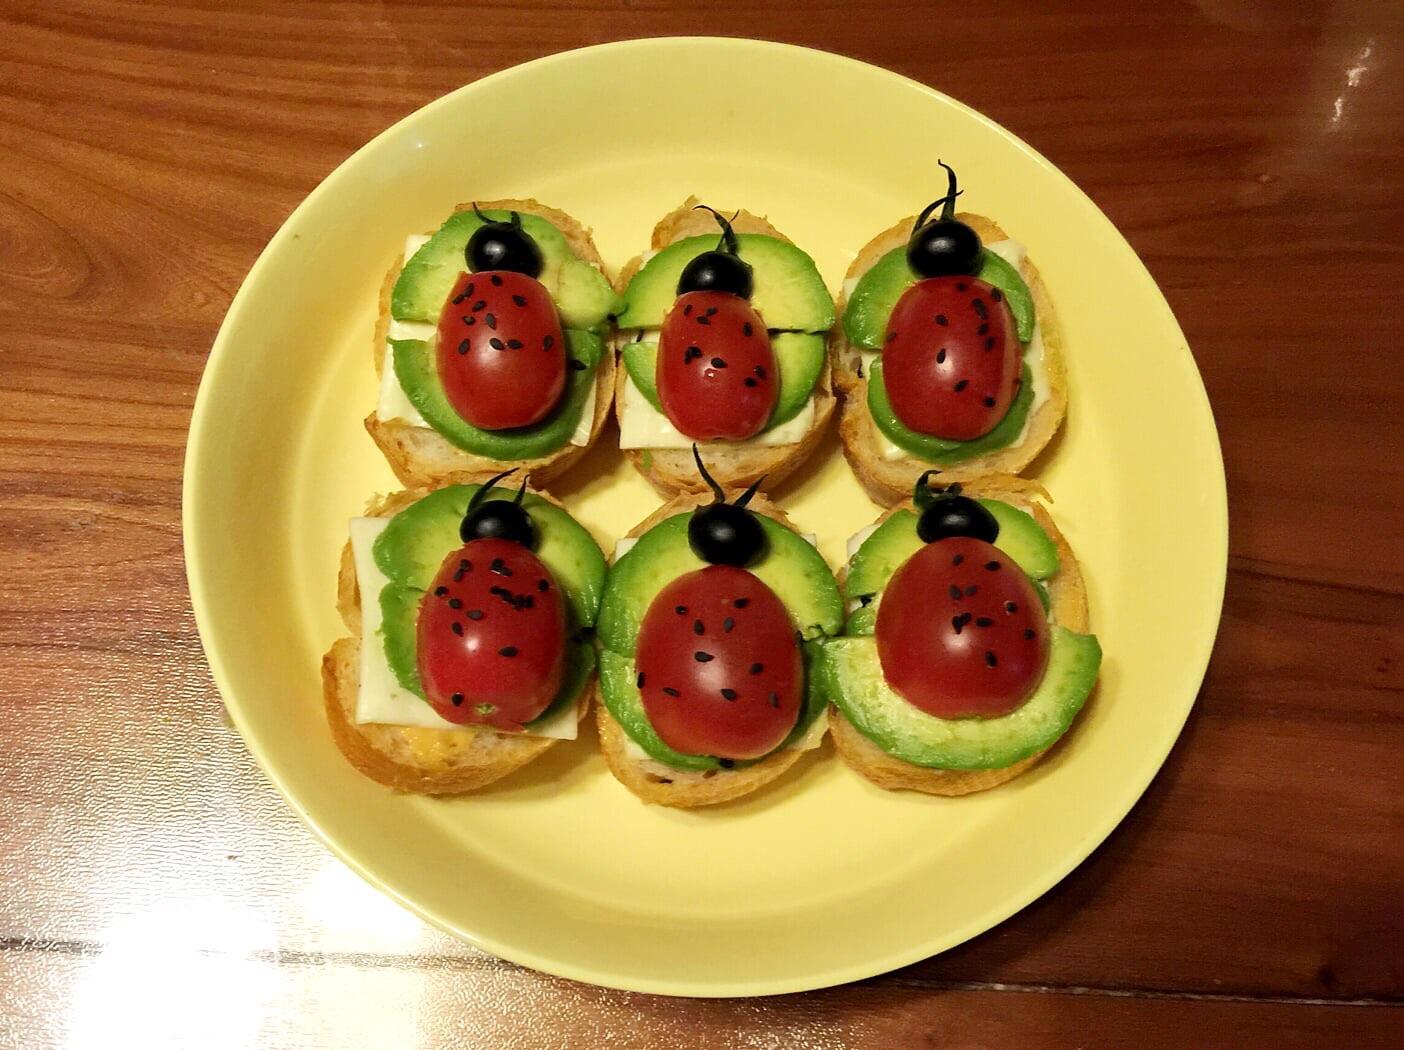 儿童早餐—小瓢虫法棍的做法图解6